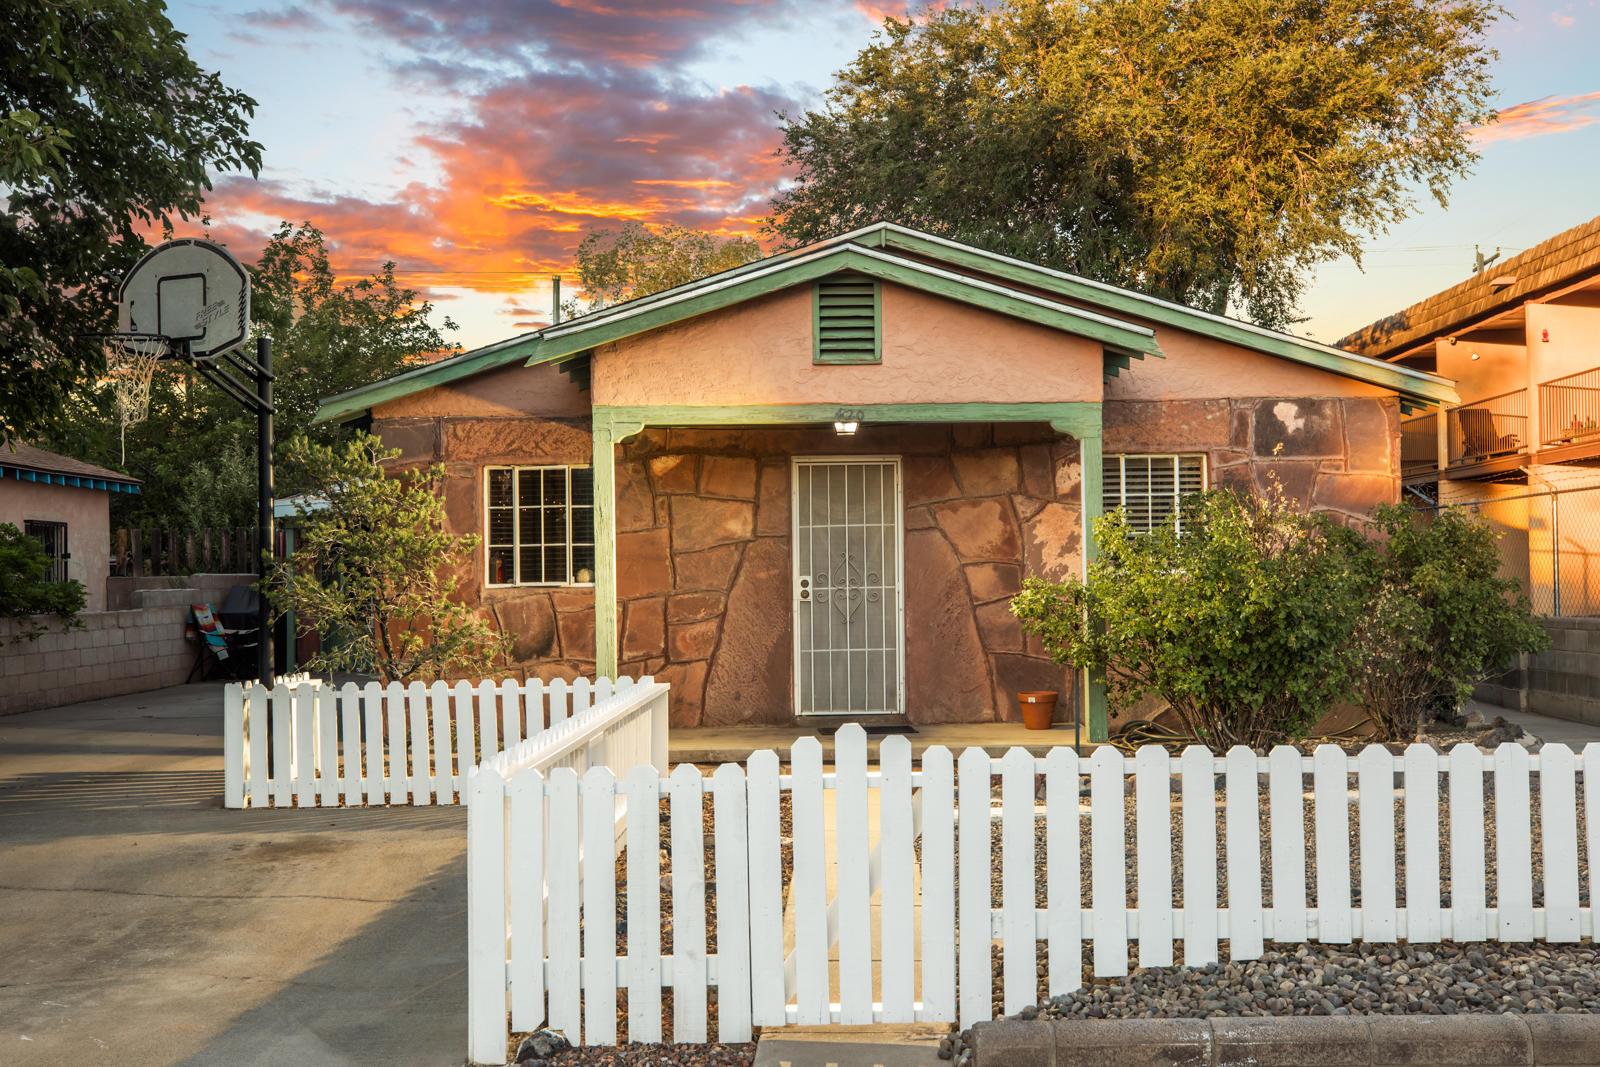 420 Columbia Drive SE, Albuquerque, NM 87106 - Albuquerque, NM real estate listing